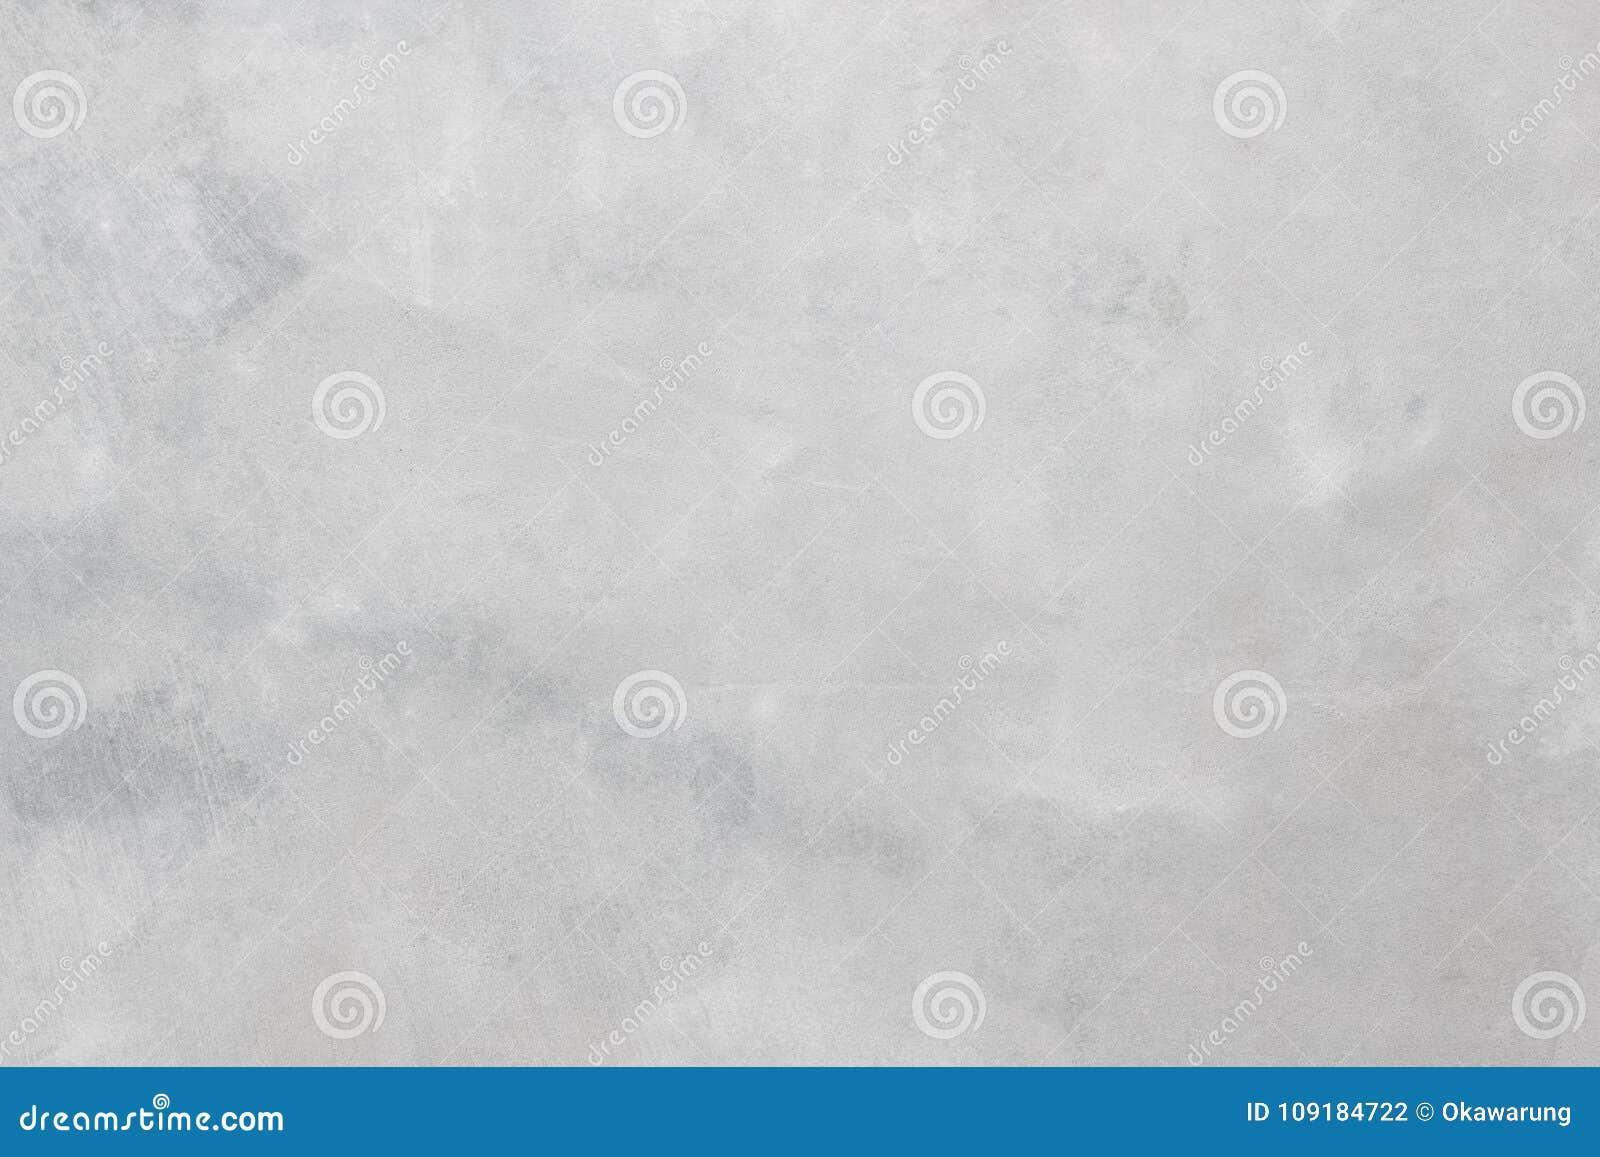 Blisko betonu strzelec do szału biel tekstury betonowy tło naturalny cement lub kamienna stara tekstura jako retro wzór ściana Uż